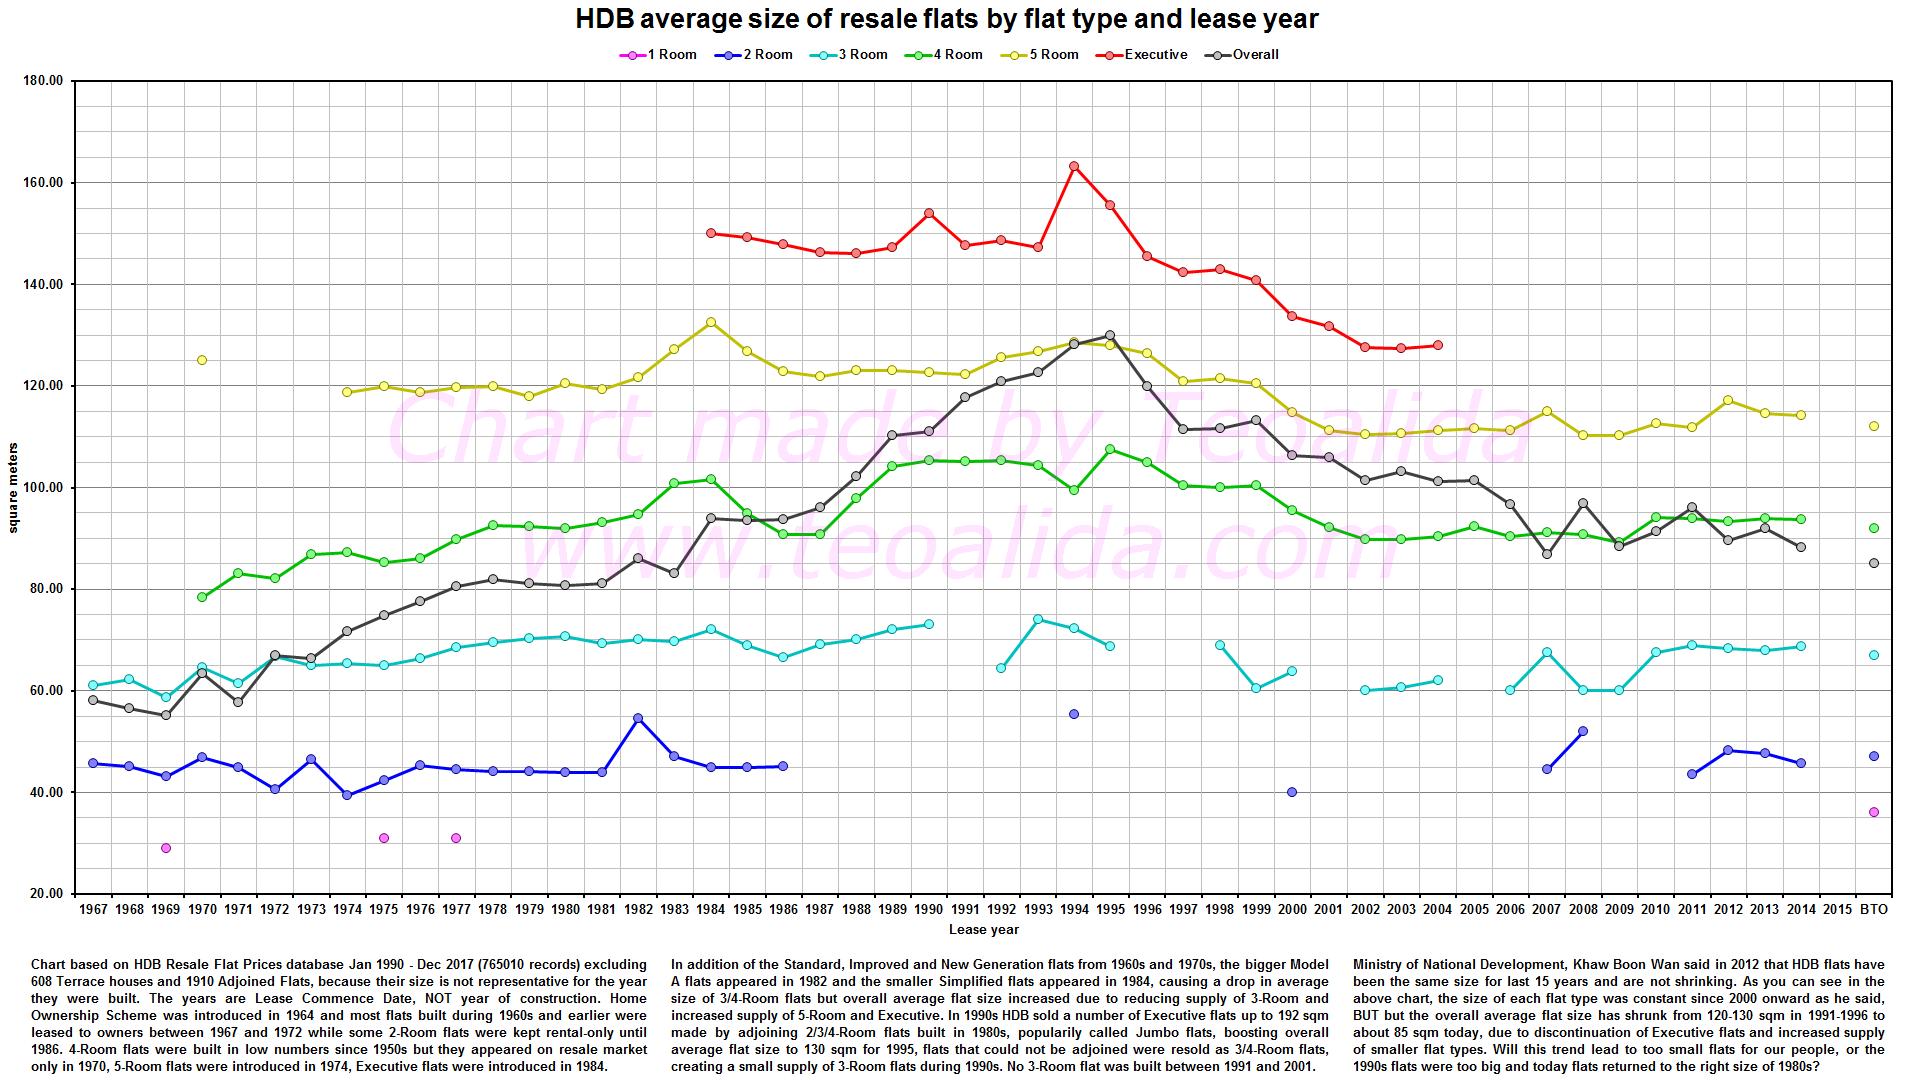 HDB flats size 1960s-2010s